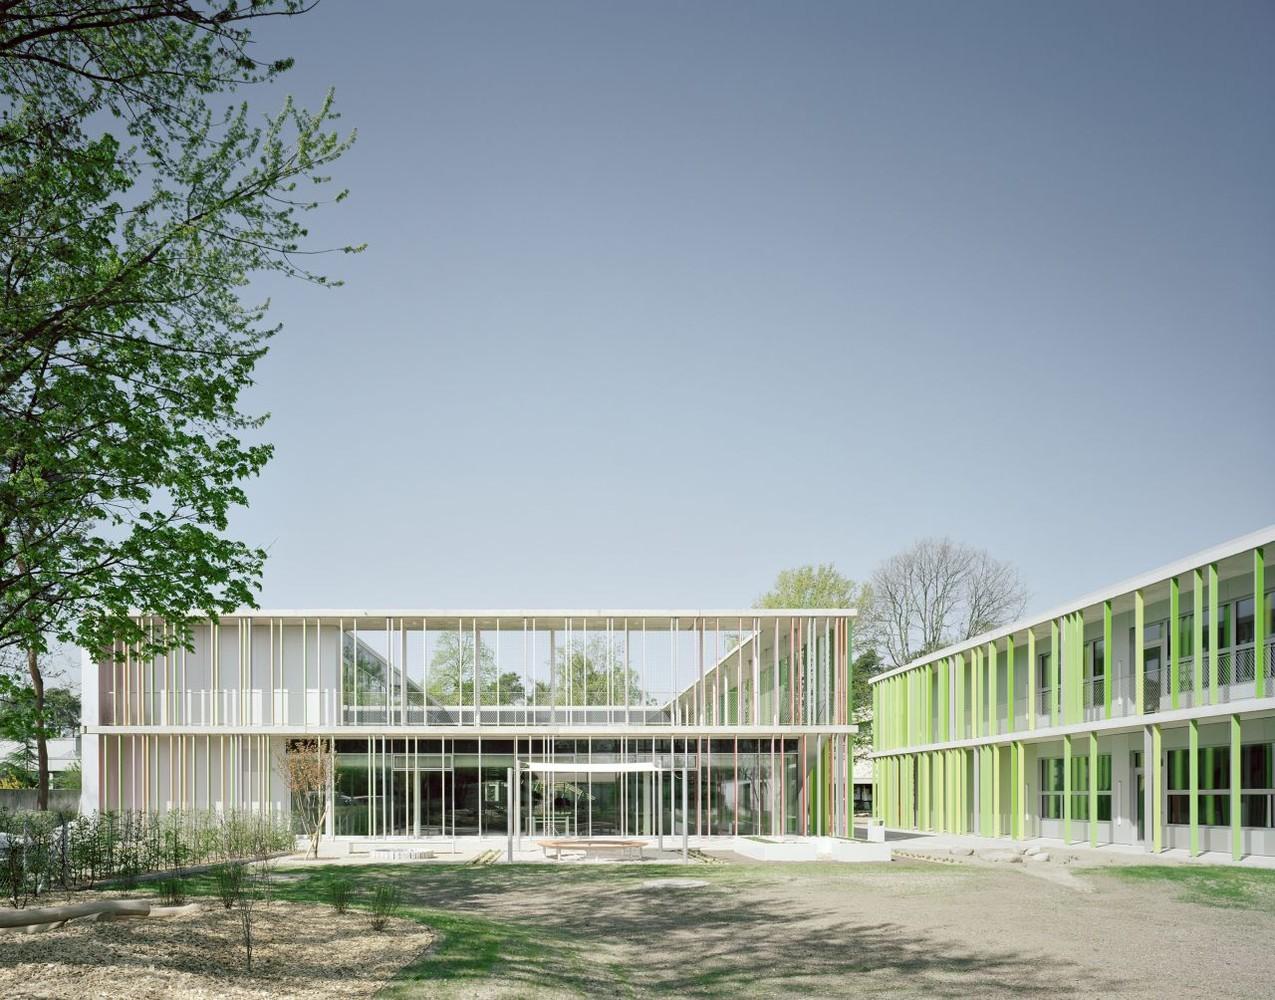 Architekten Karlsruhe gallery of primary in karlsruhe wulf architekten 3